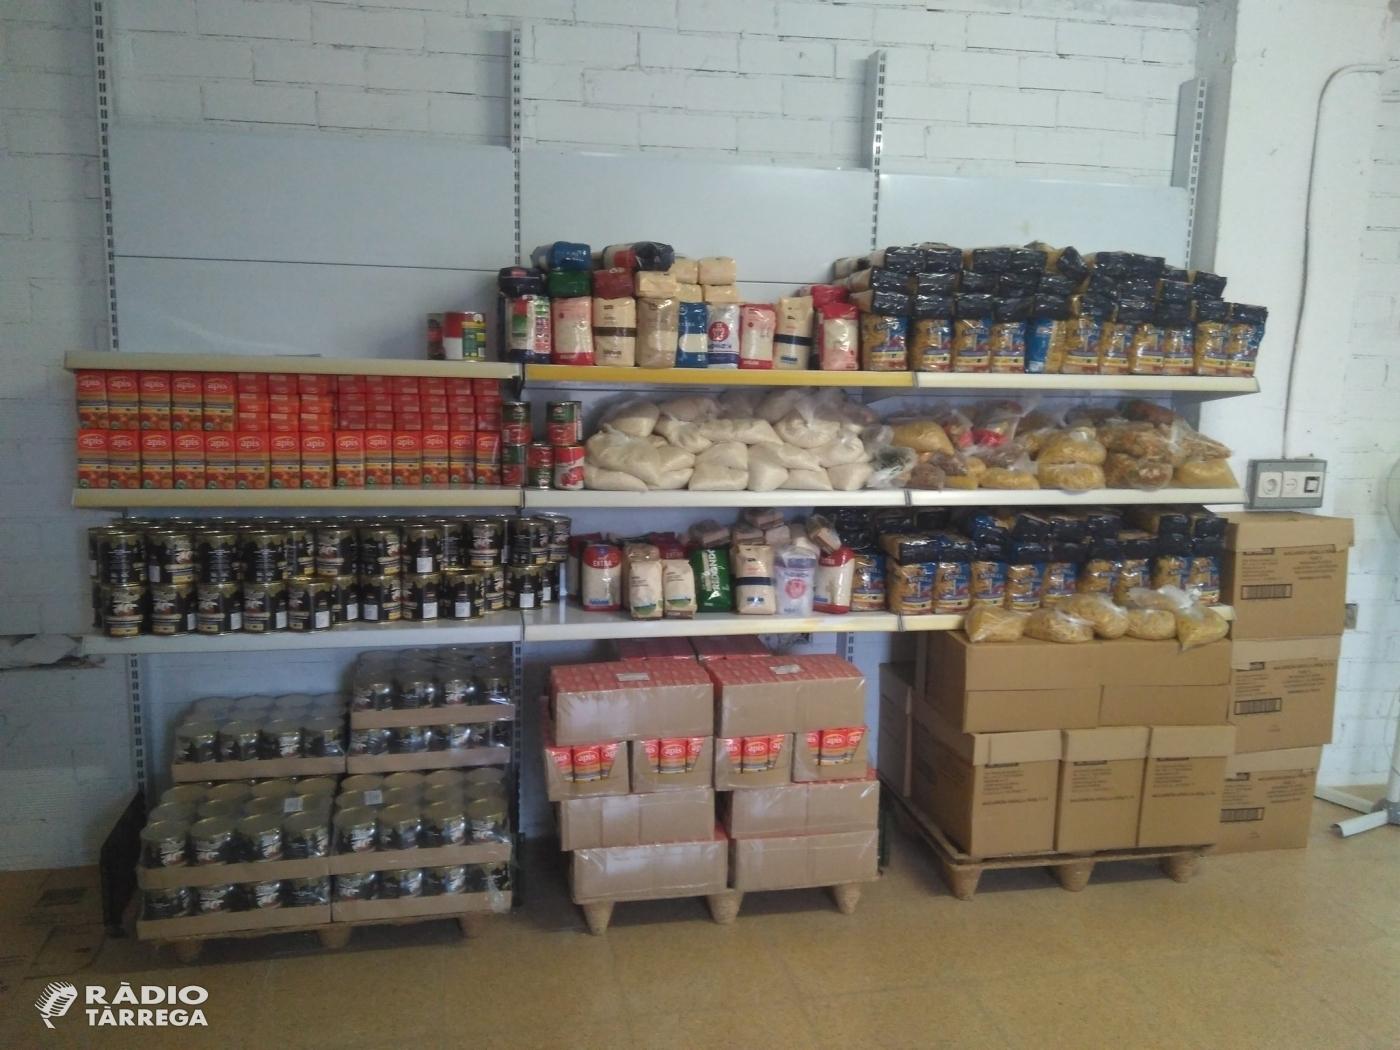 El Magatzem d'Aliments Solidaris de Tàrrega augmenta en 20 famílies el nombre de serveis des de l'inici de la crisi del coronavirus